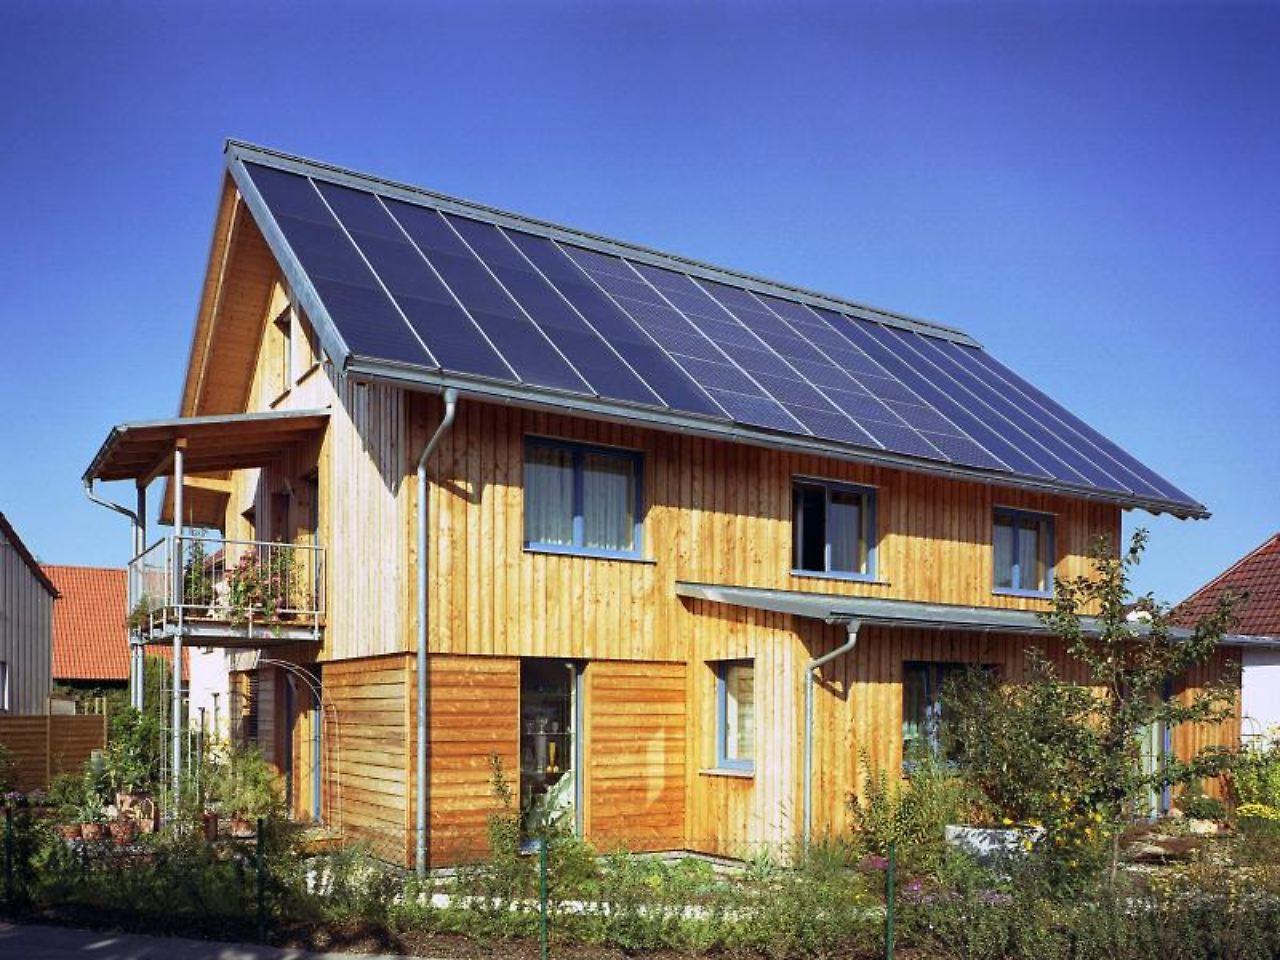 der durchbruch steht bevor ist das energieautarke haus m glich n. Black Bedroom Furniture Sets. Home Design Ideas